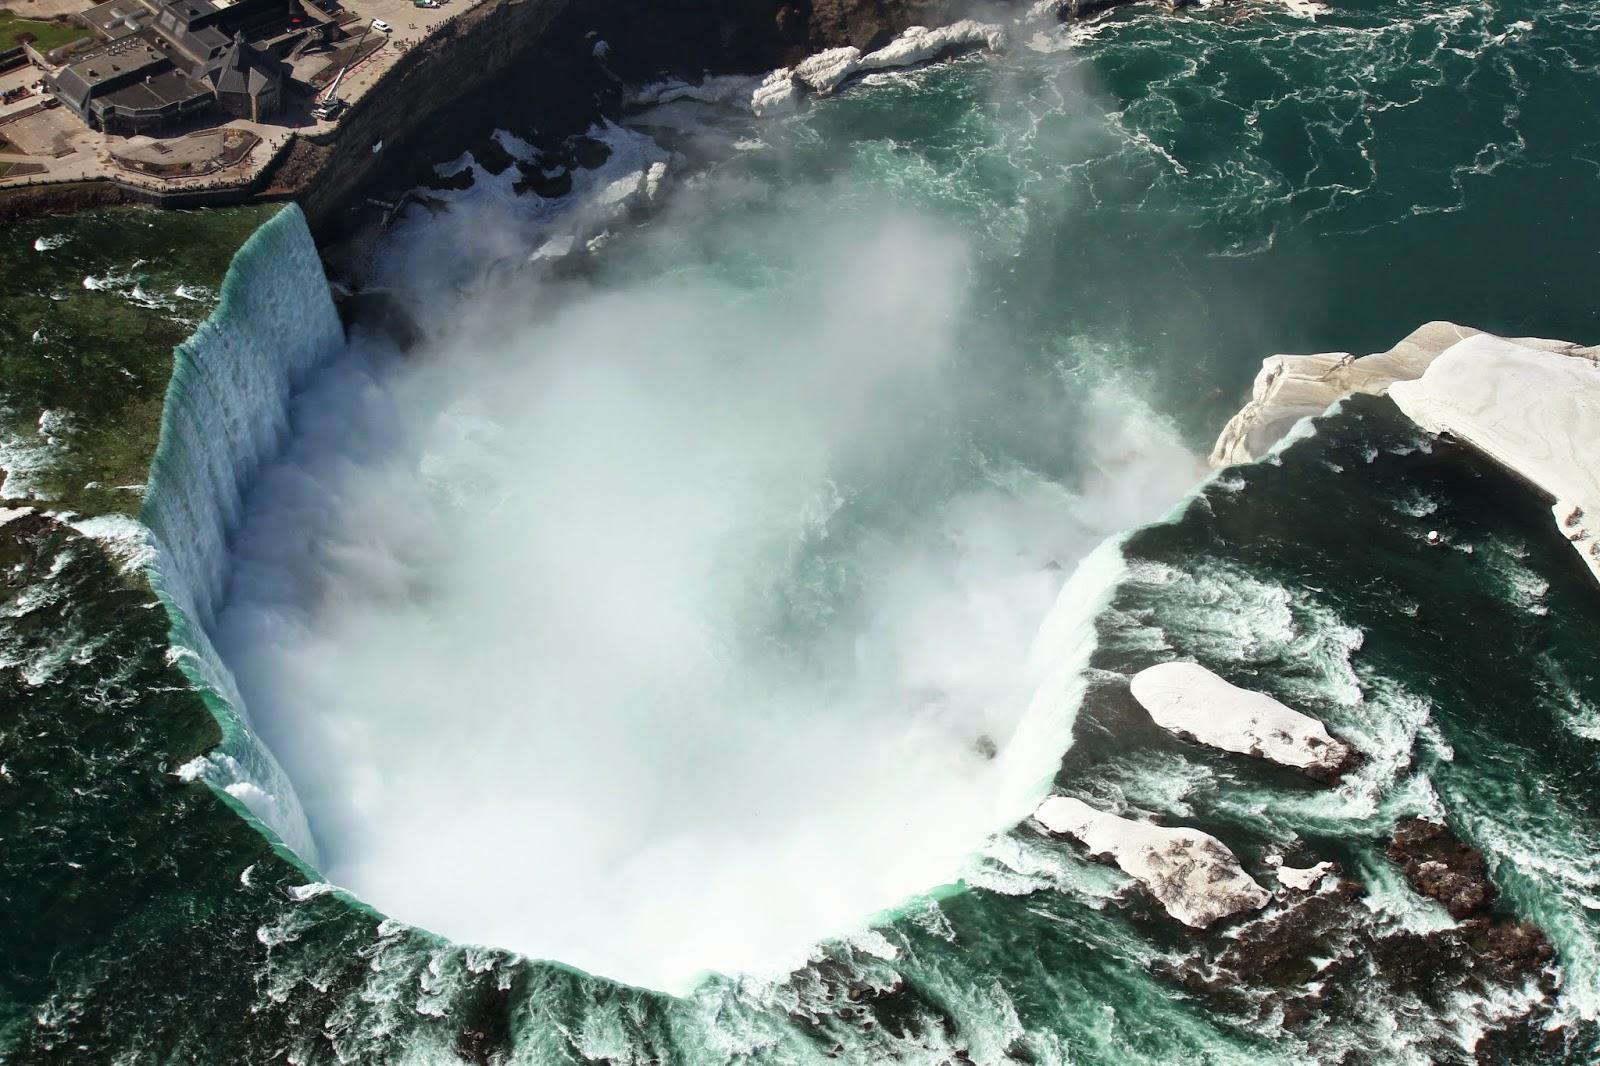 HELICÓPTERO EM NIAGARA - Sobrevoando as Cataratas de Niagara | EUA e Canadá